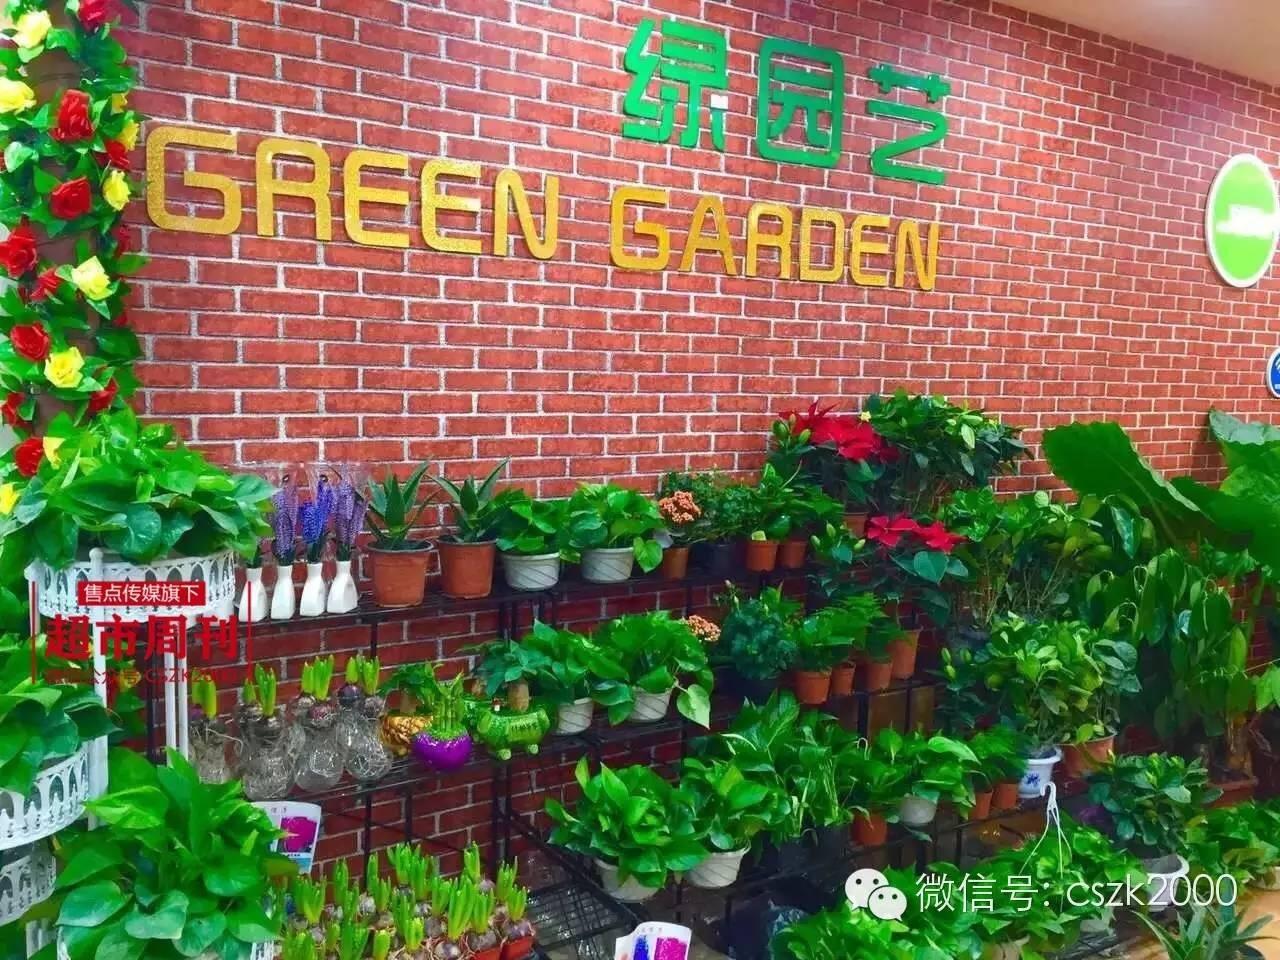 食品 创意陈列_只用25天濮阳绿城超市如何将老店变身精品超市_联商网